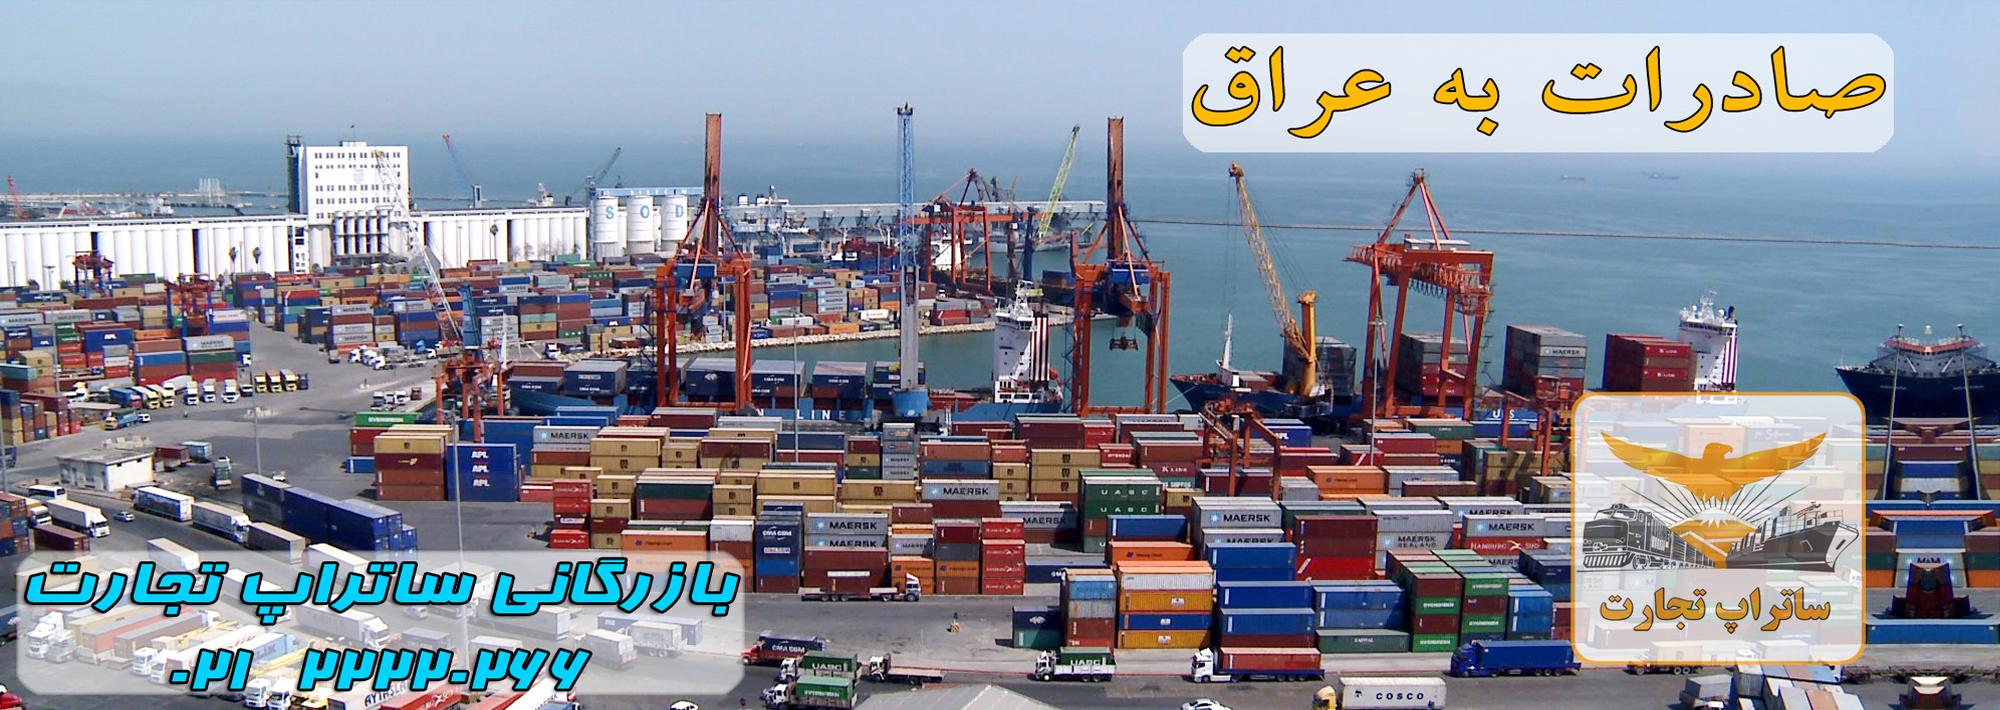 مدارک لازم صادرات به عراق